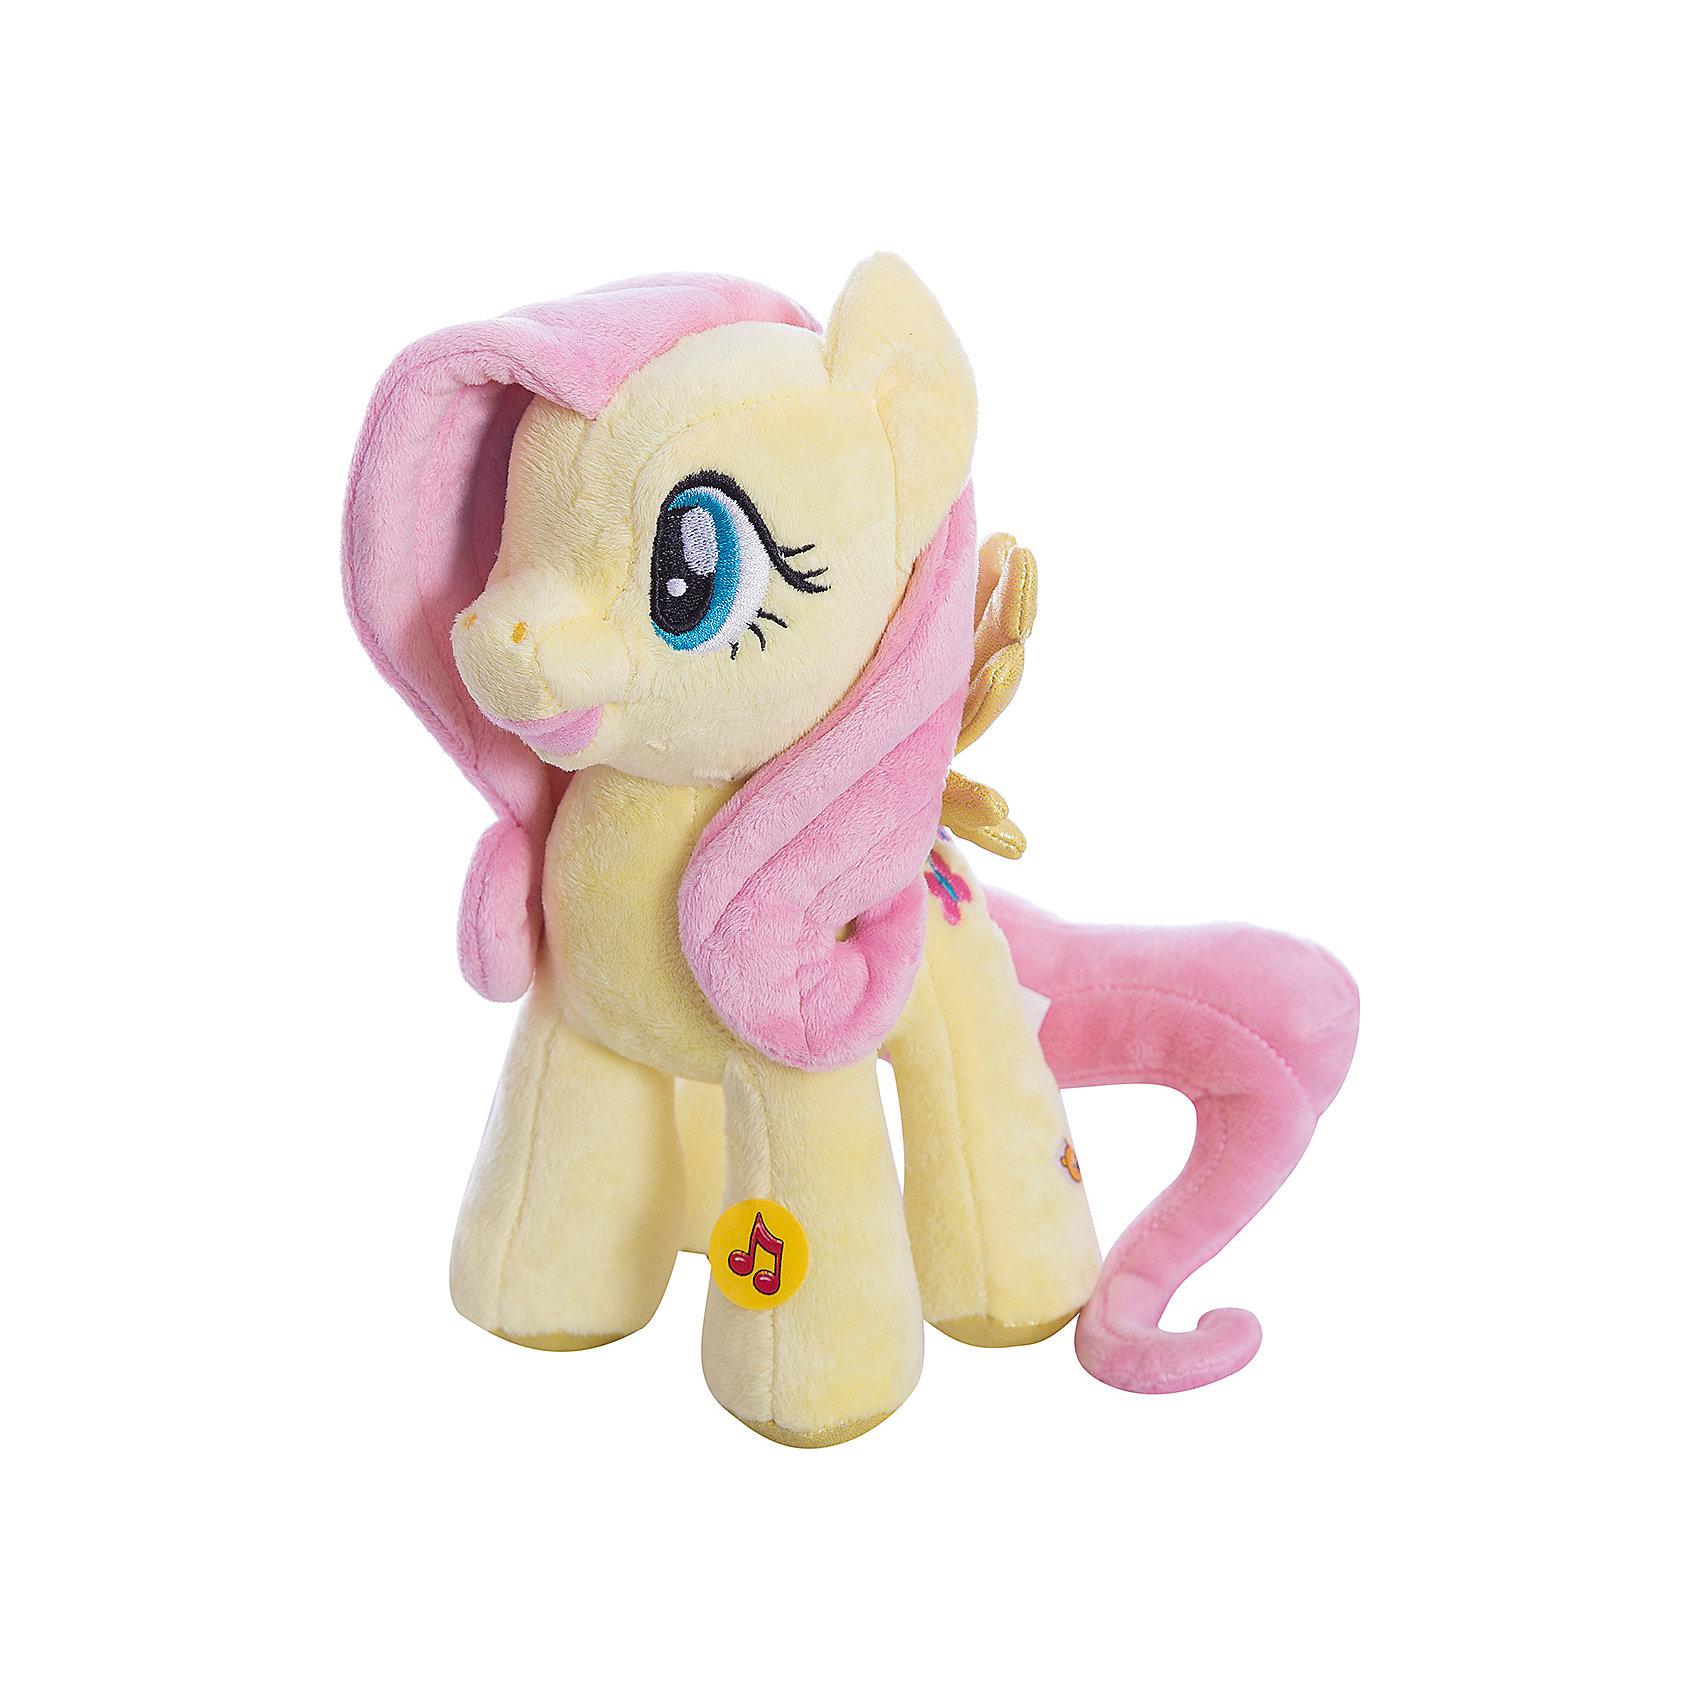 Мягкая игрушка  Пони Флаттершай, со светом и звуком, My little Pony, МУЛЬТИ-ПУЛЬТИОзвученные мягкие игрушки<br>Мягкая игрушка Мульти-Пульти пони из мультсериала My Little Pony станет замечательным подарком для Вашей девочки. Пони Флаттершай из волшебного королевства очень красива, у нее розовая грива и хвост, игрушка очень мягкая и приятная на ощупь. Если нажать ей на ножку, то она заговорит или будет петь песню из мультика, игрушка также обладает световым эффектом. <br><br>Дополнительная информация:<br><br>- Материал: текстиль, синтепон.<br>- Требуются батарейки: 3* LR44 (входят в комплект).<br>- Высота игрушки: 23 см.<br>- Размер упаковки: 23 x 17 x 8 см<br>- Вес: 0.23 кг.<br><br>Мягкую игрушку Пони Флаттершай My little Pony от Мульти-Пульти можно купить в нашем магазине.<br><br>Ширина мм: 130<br>Глубина мм: 230<br>Высота мм: 340<br>Вес г: 109<br>Возраст от месяцев: 24<br>Возраст до месяцев: 1188<br>Пол: Унисекс<br>Возраст: Детский<br>SKU: 3384136